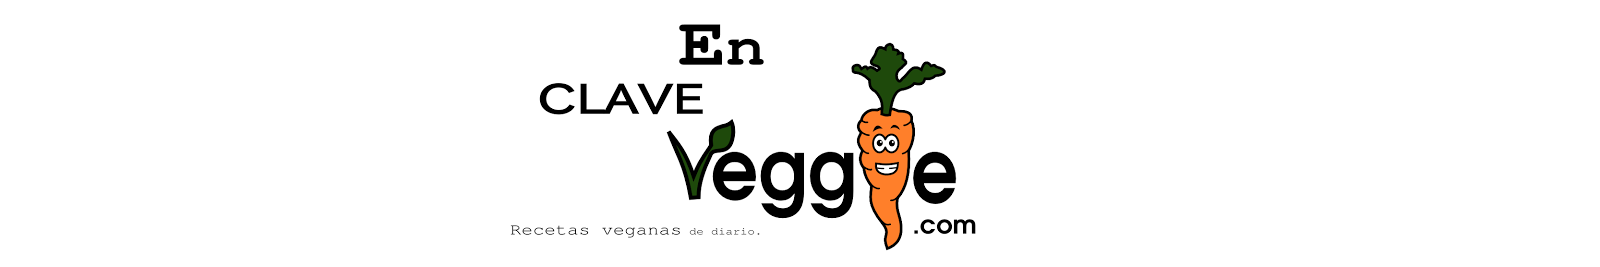 En clave veggie - Recetas veganas de diario